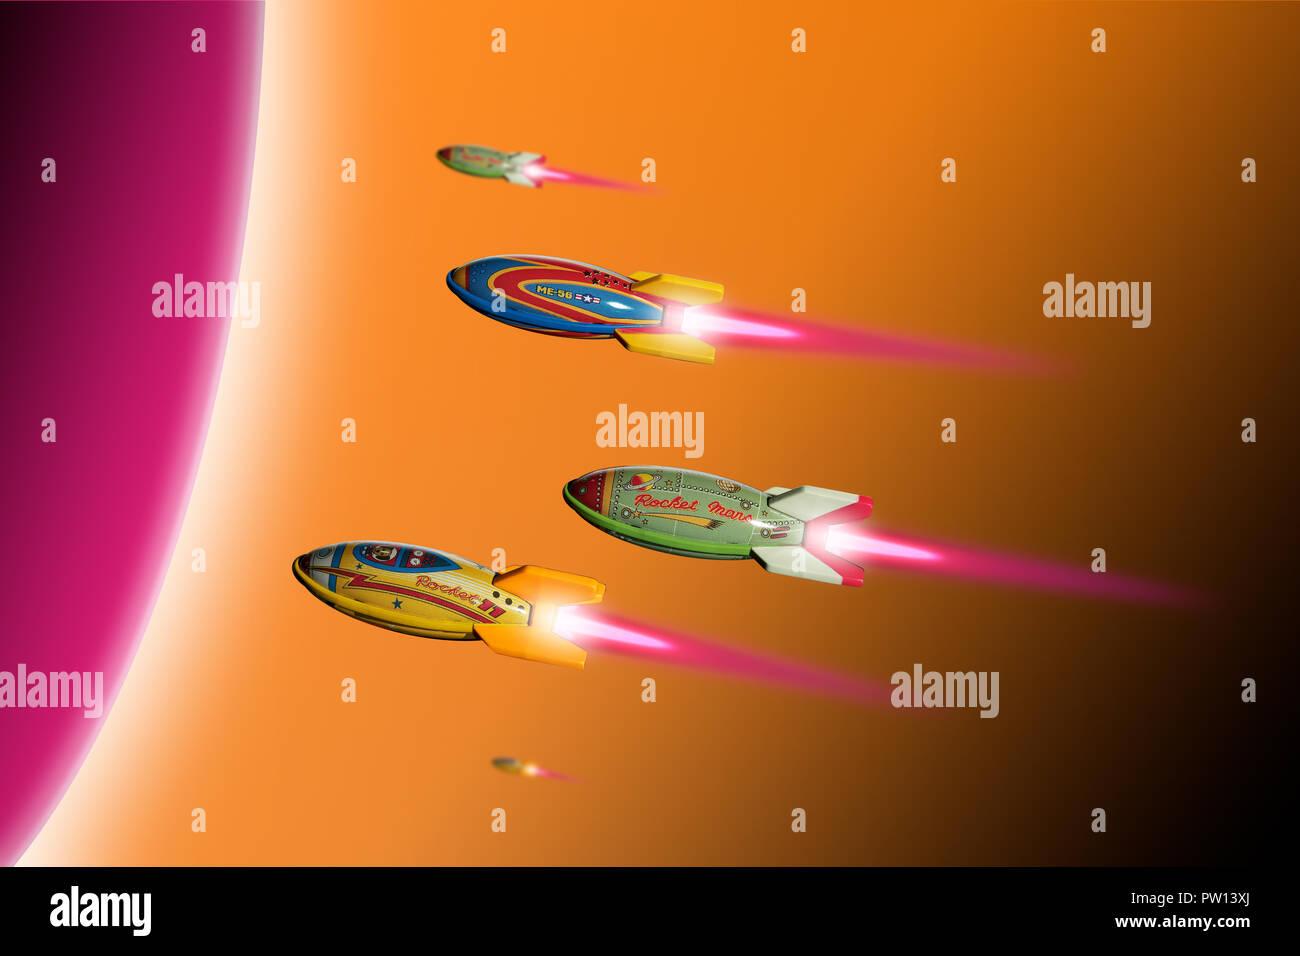 Konzept einer Gruppe von bunten Spielzeug Raketen in Richtung einen runden Planeten, Raumfahrt, Interstellaren Stockbild